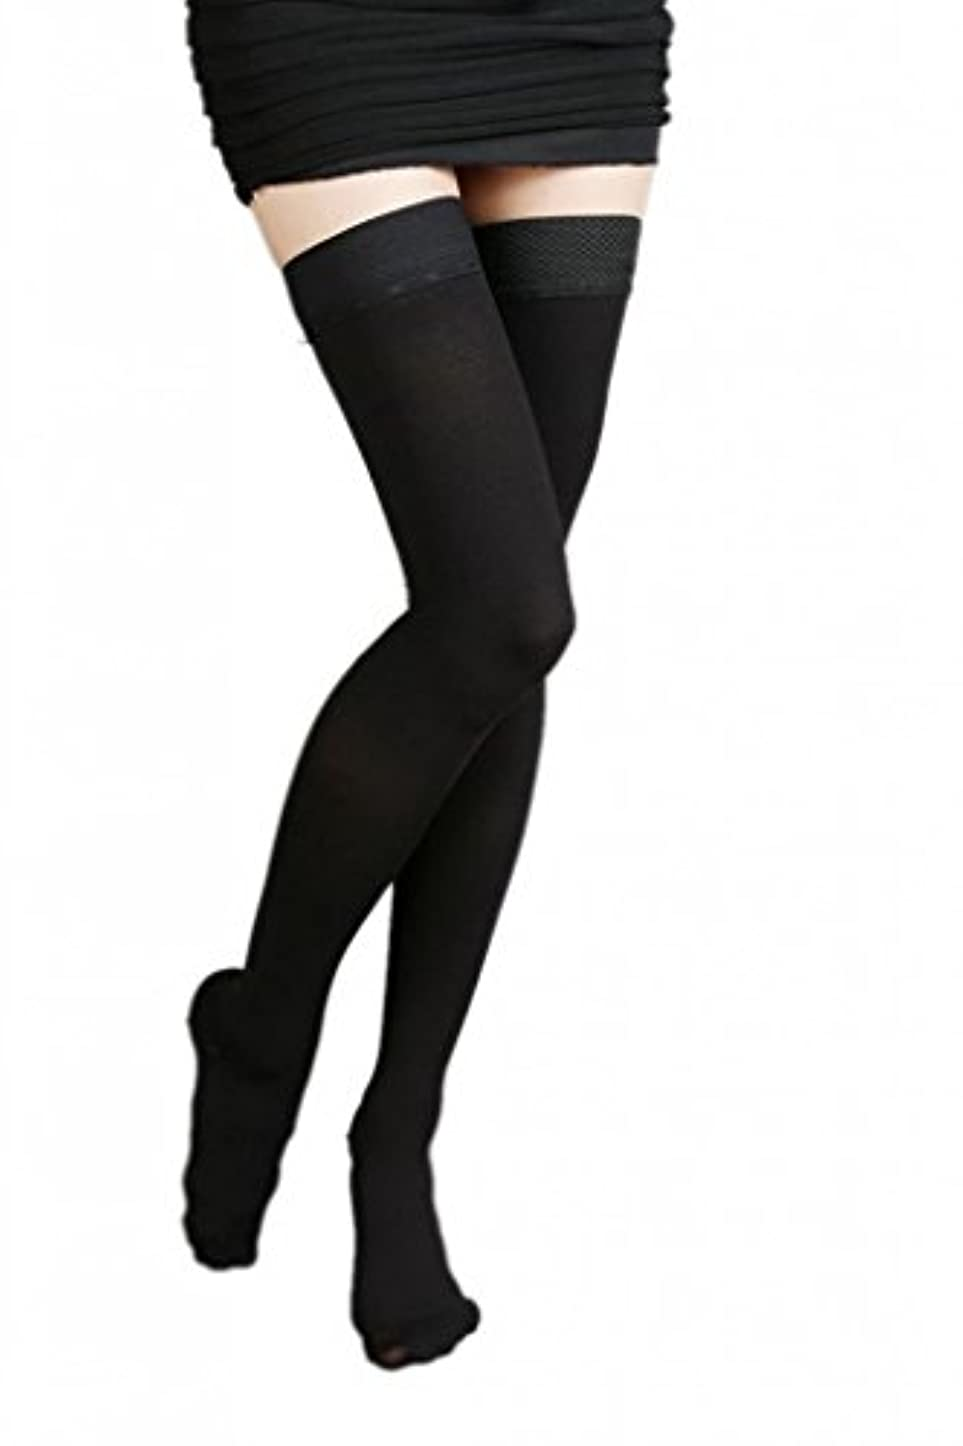 尊敬するところで伝説(ラボーグ)La Vogue 美脚 着圧オーバーニーソックス ハイソックス 靴下 弾性ストッキング つま先あり着圧ソックス M 1級低圧 黒色